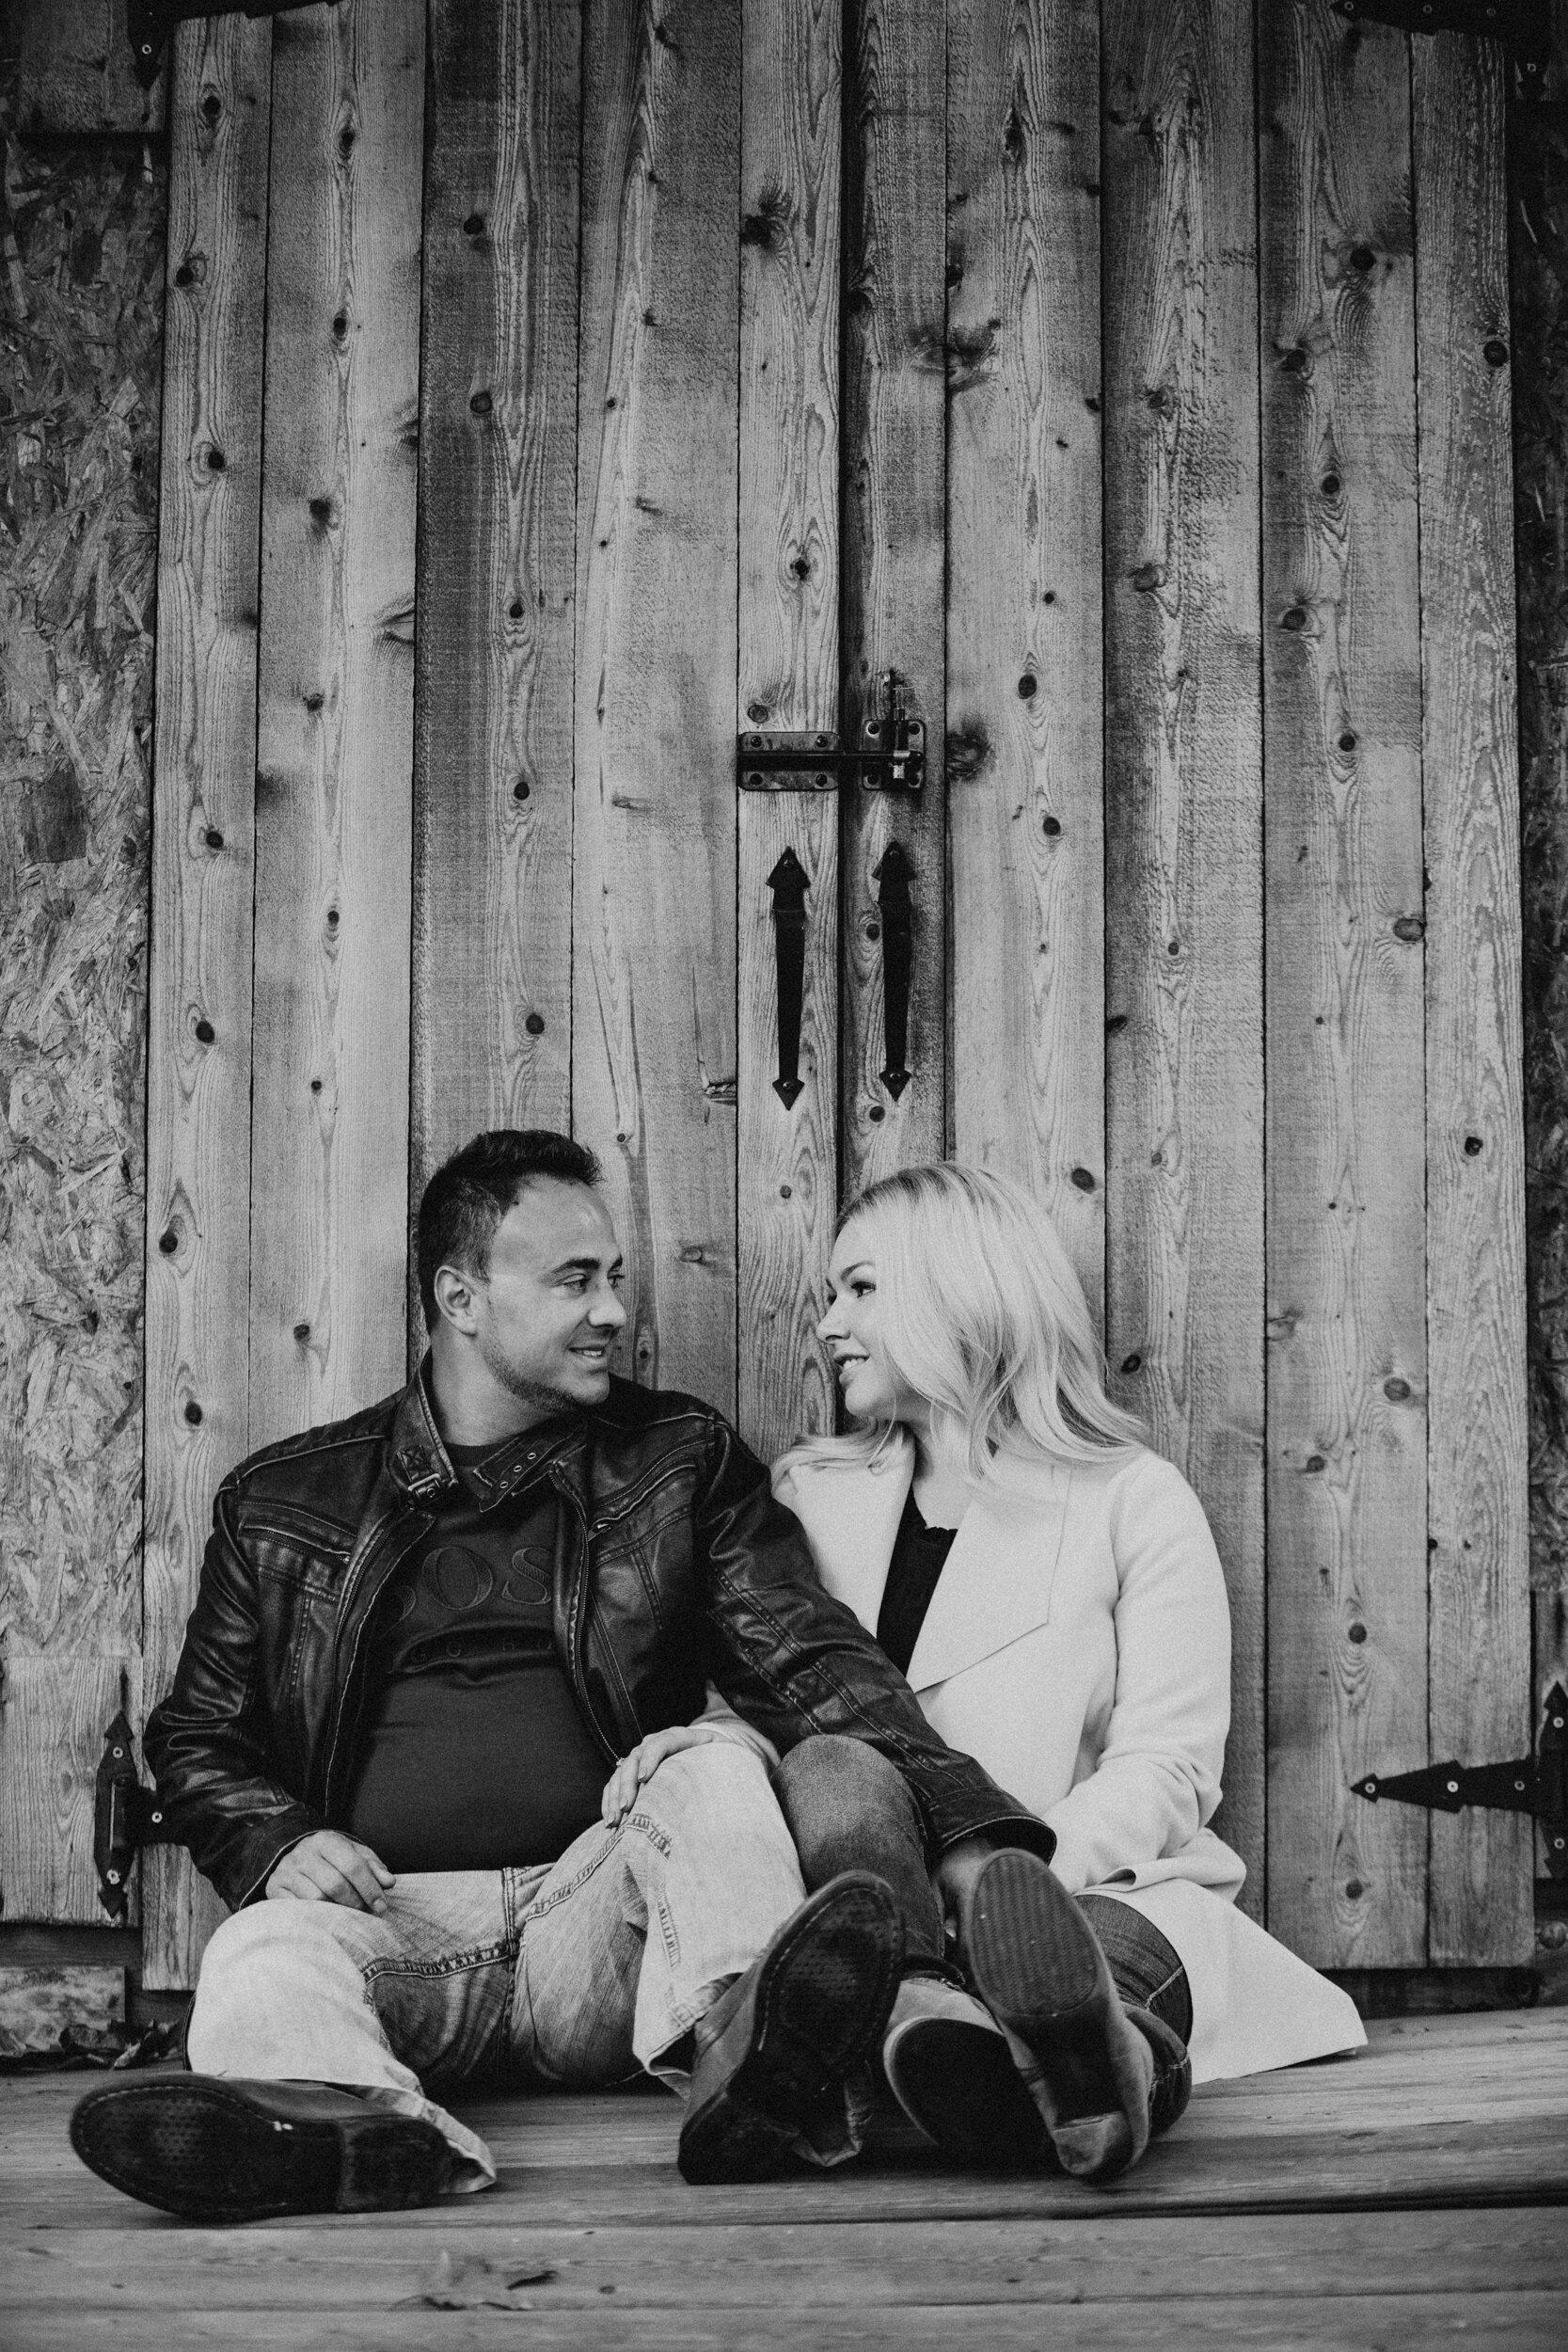 engagement-wooden-door-couple.jpg